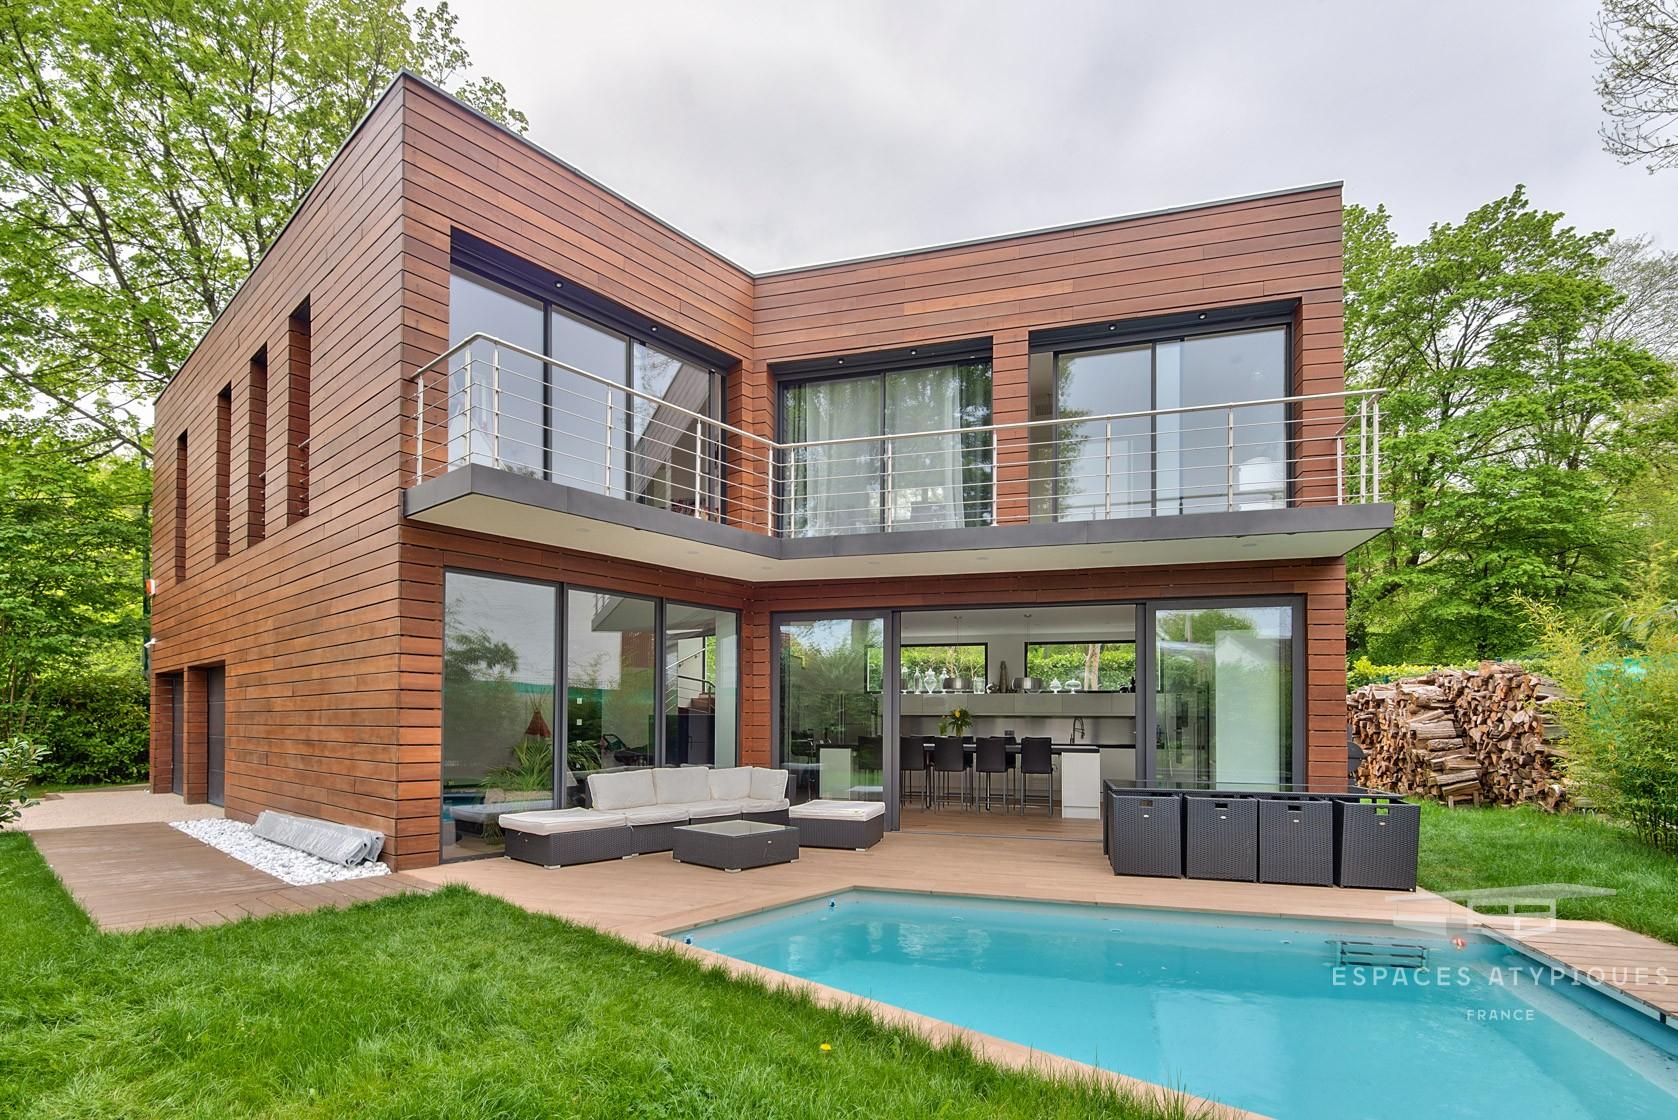 La Celle-Saint-Cloud : Contemporary Villa With Pool - Agence ... concernant Piscine Saint Cloud